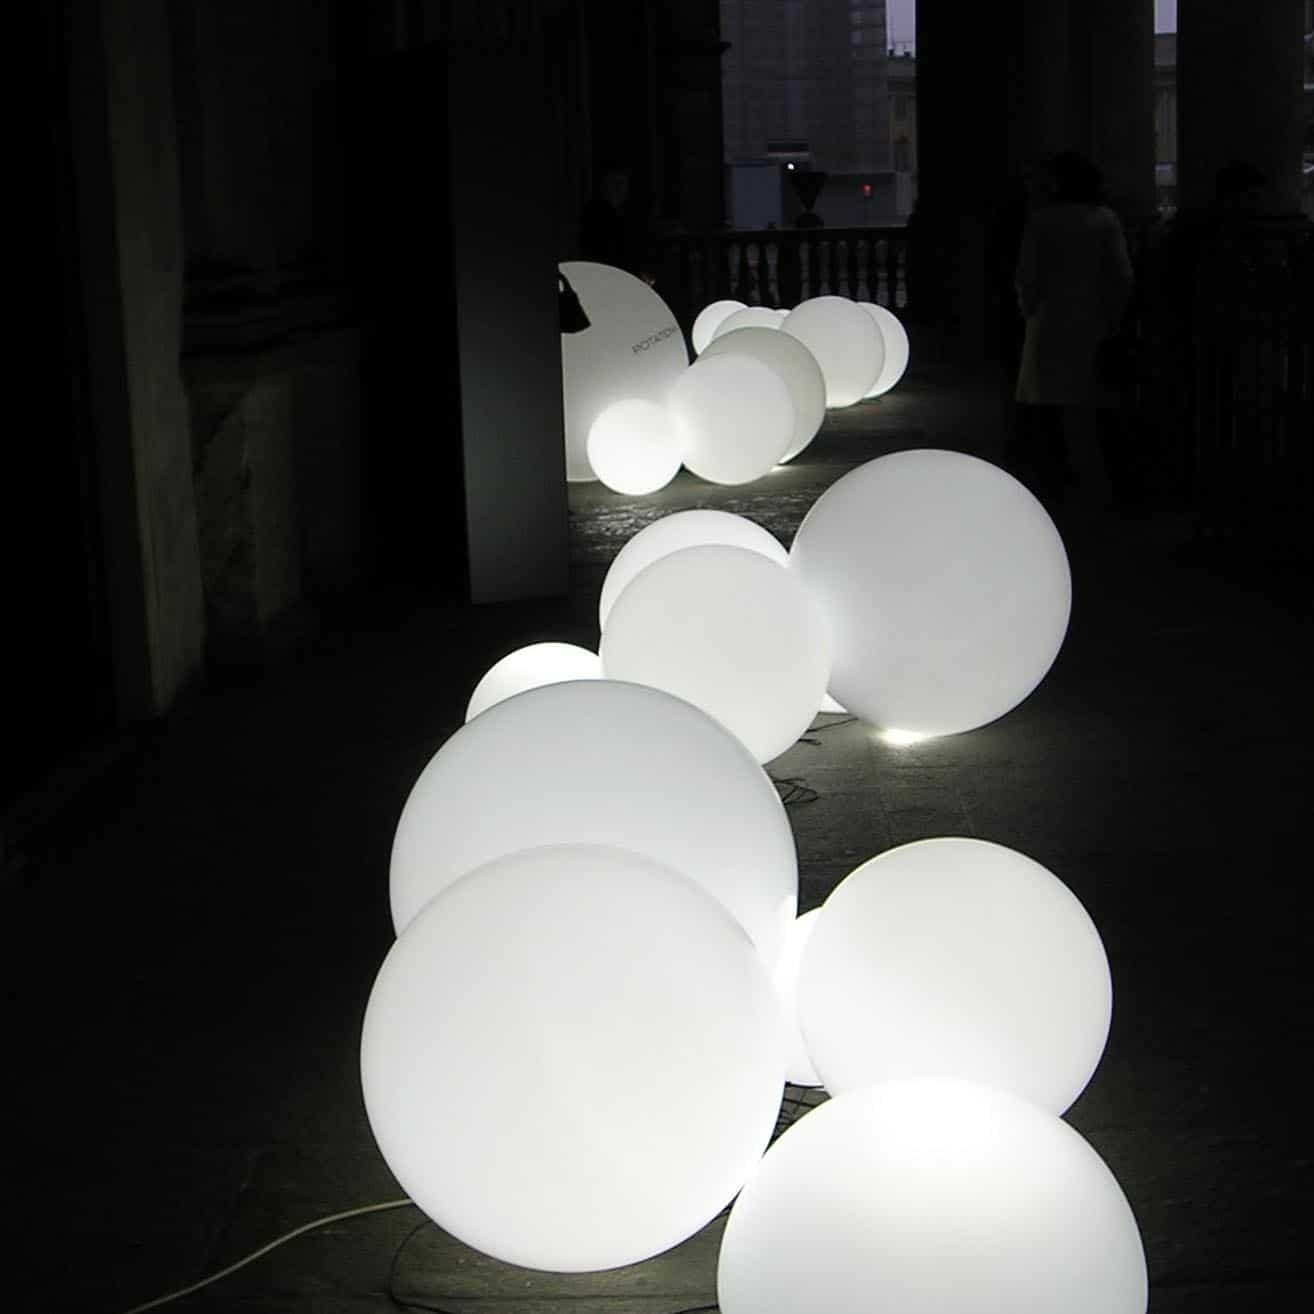 globo slide kugel leuchten in xxl auswahl 30 200 cm in outdoor. Black Bedroom Furniture Sets. Home Design Ideas